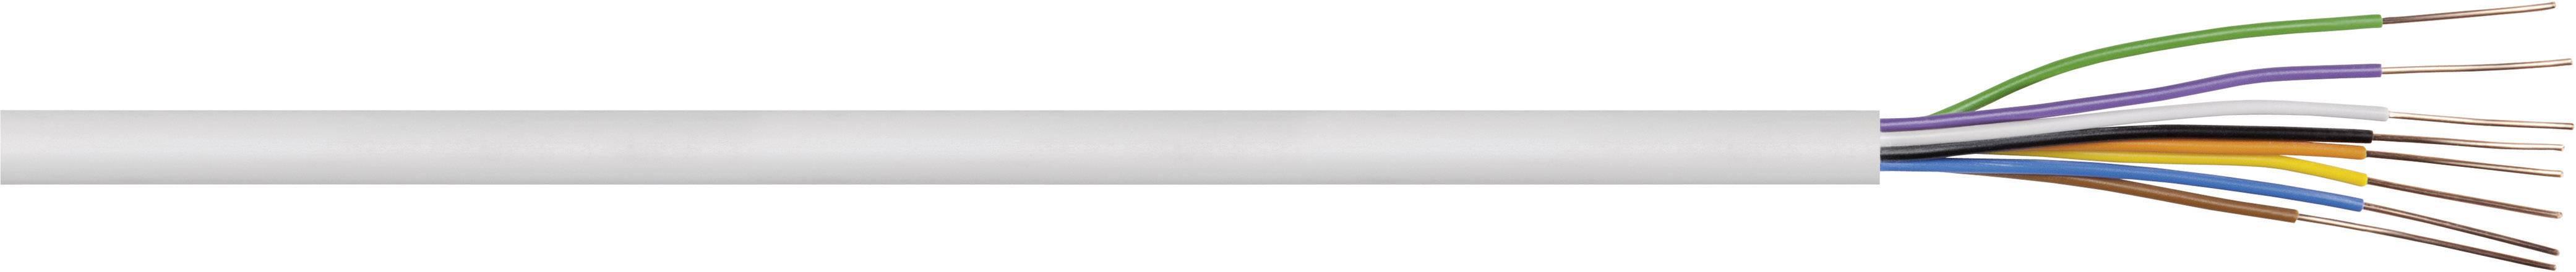 Zvonkový kabel Kash 3 x 2 x 0.50 mm², bílá, metrové zboží